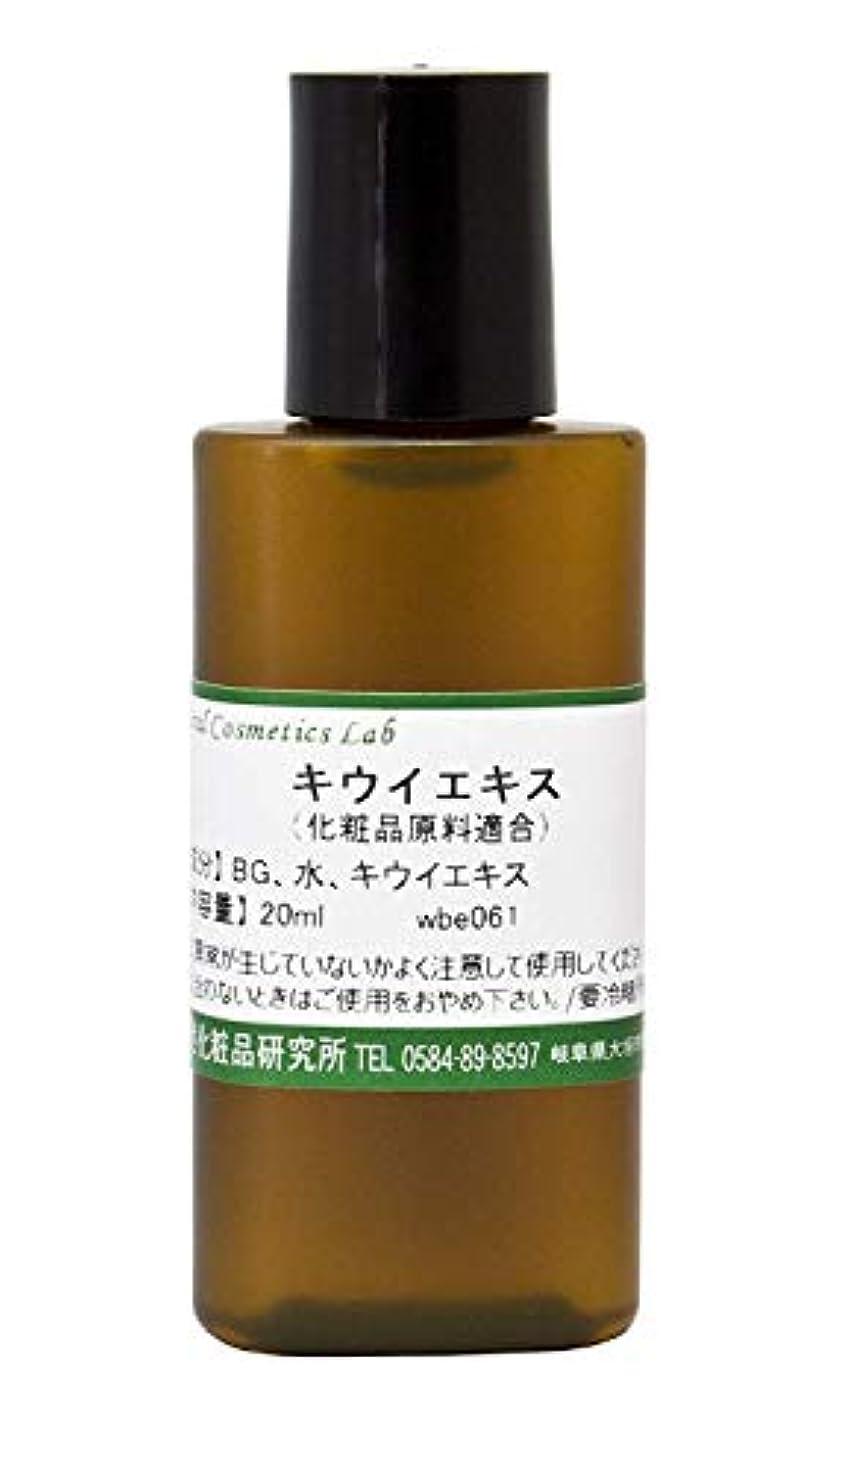 古くなった何故なの快適キウイエキス 20ml 【手作り化粧品原料】